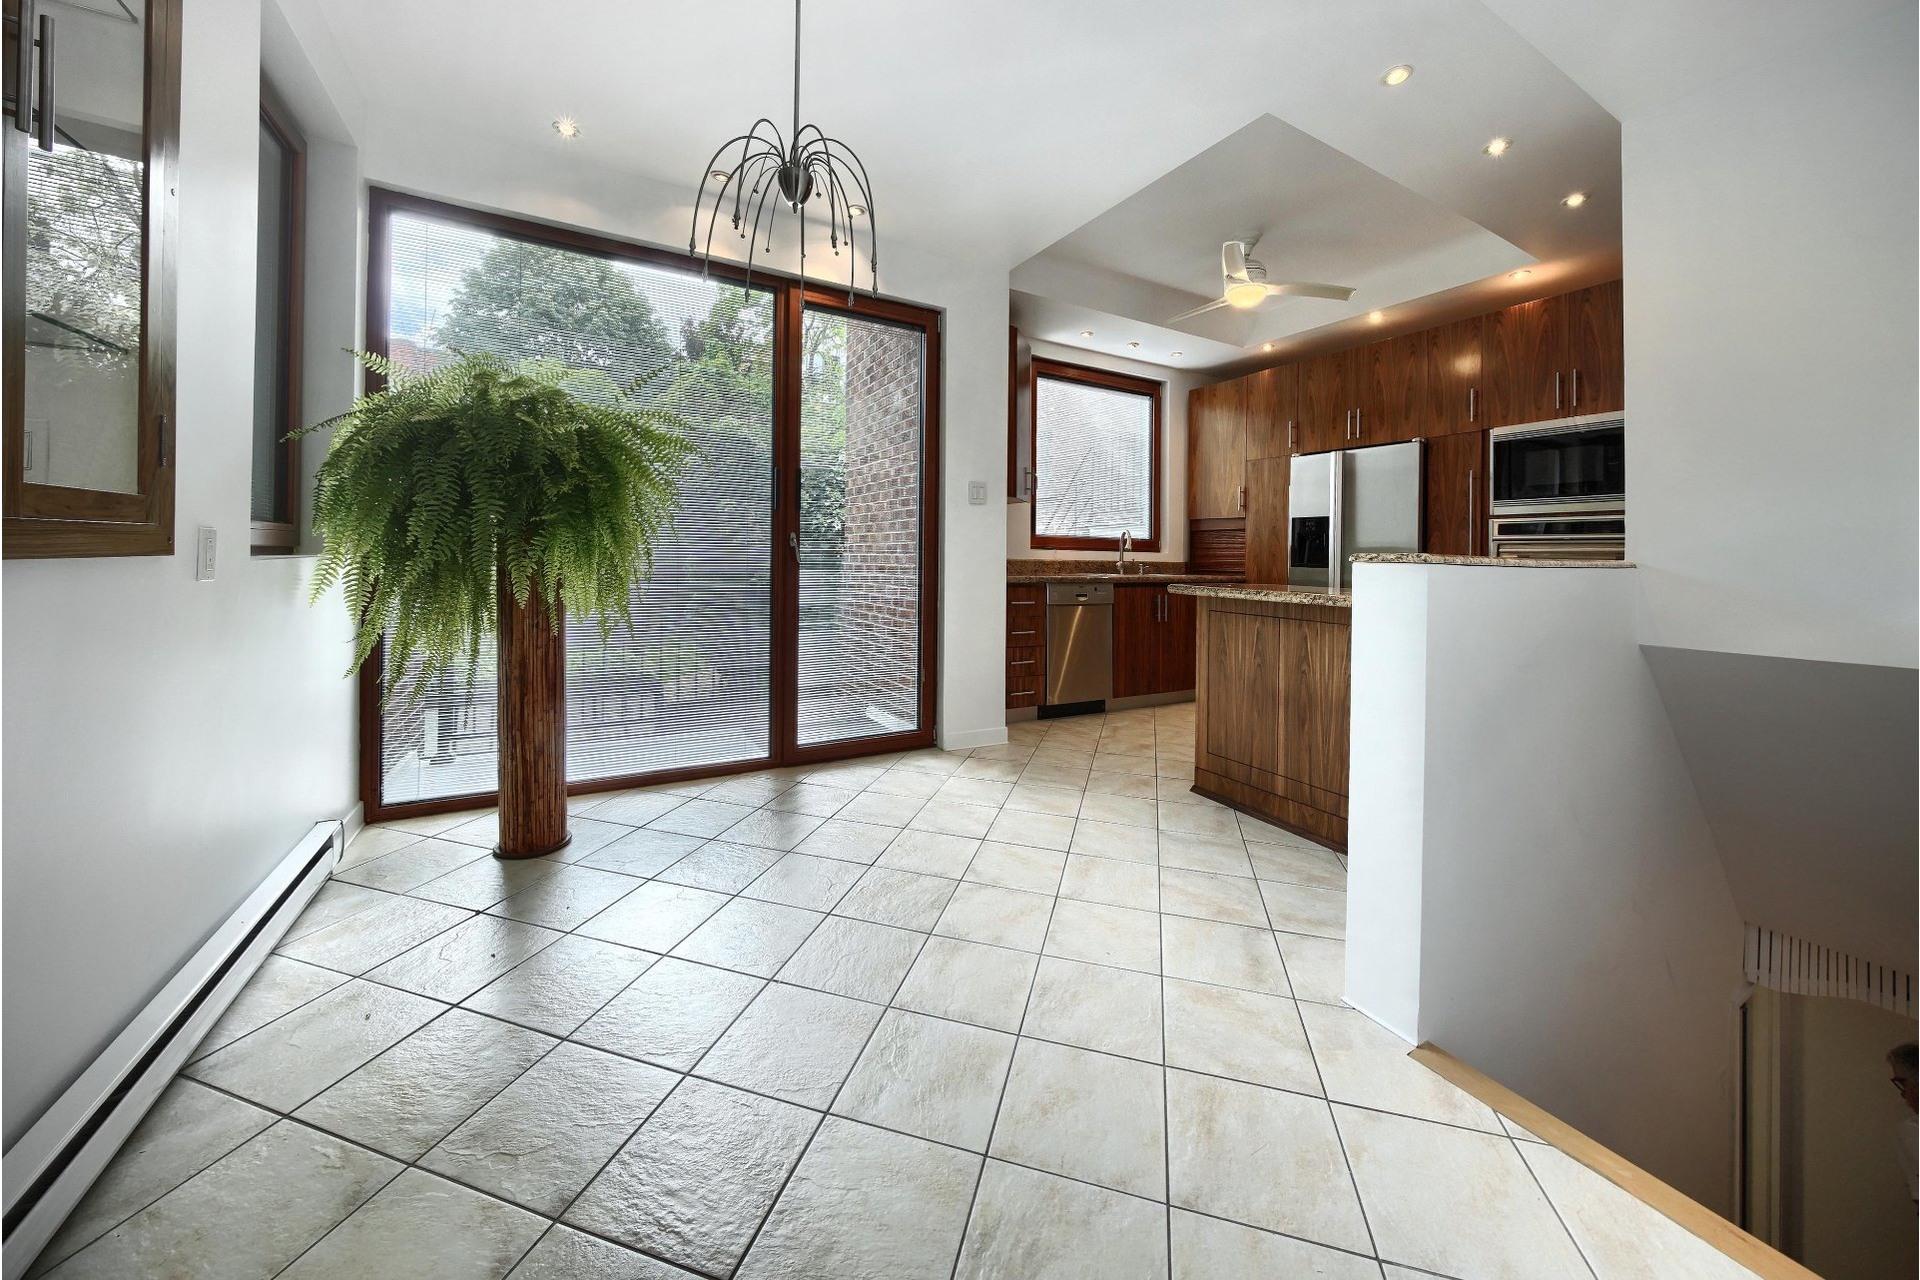 image 8 - Apartment For rent Ville-Marie Montréal  - 10 rooms